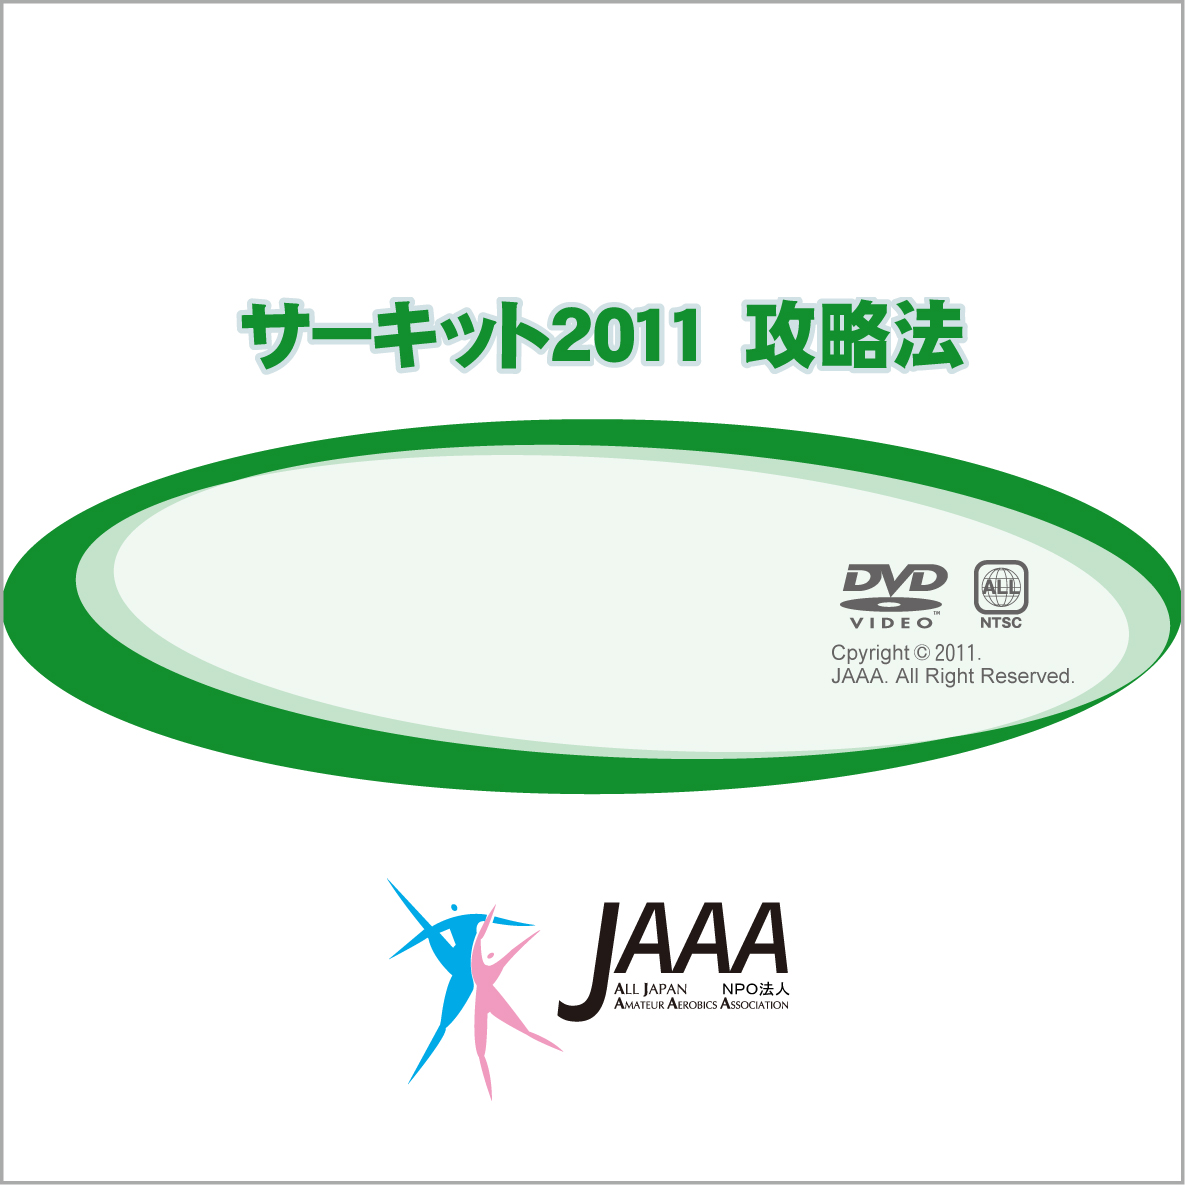 JAAAサーキット攻略法2011(JAAA会員)